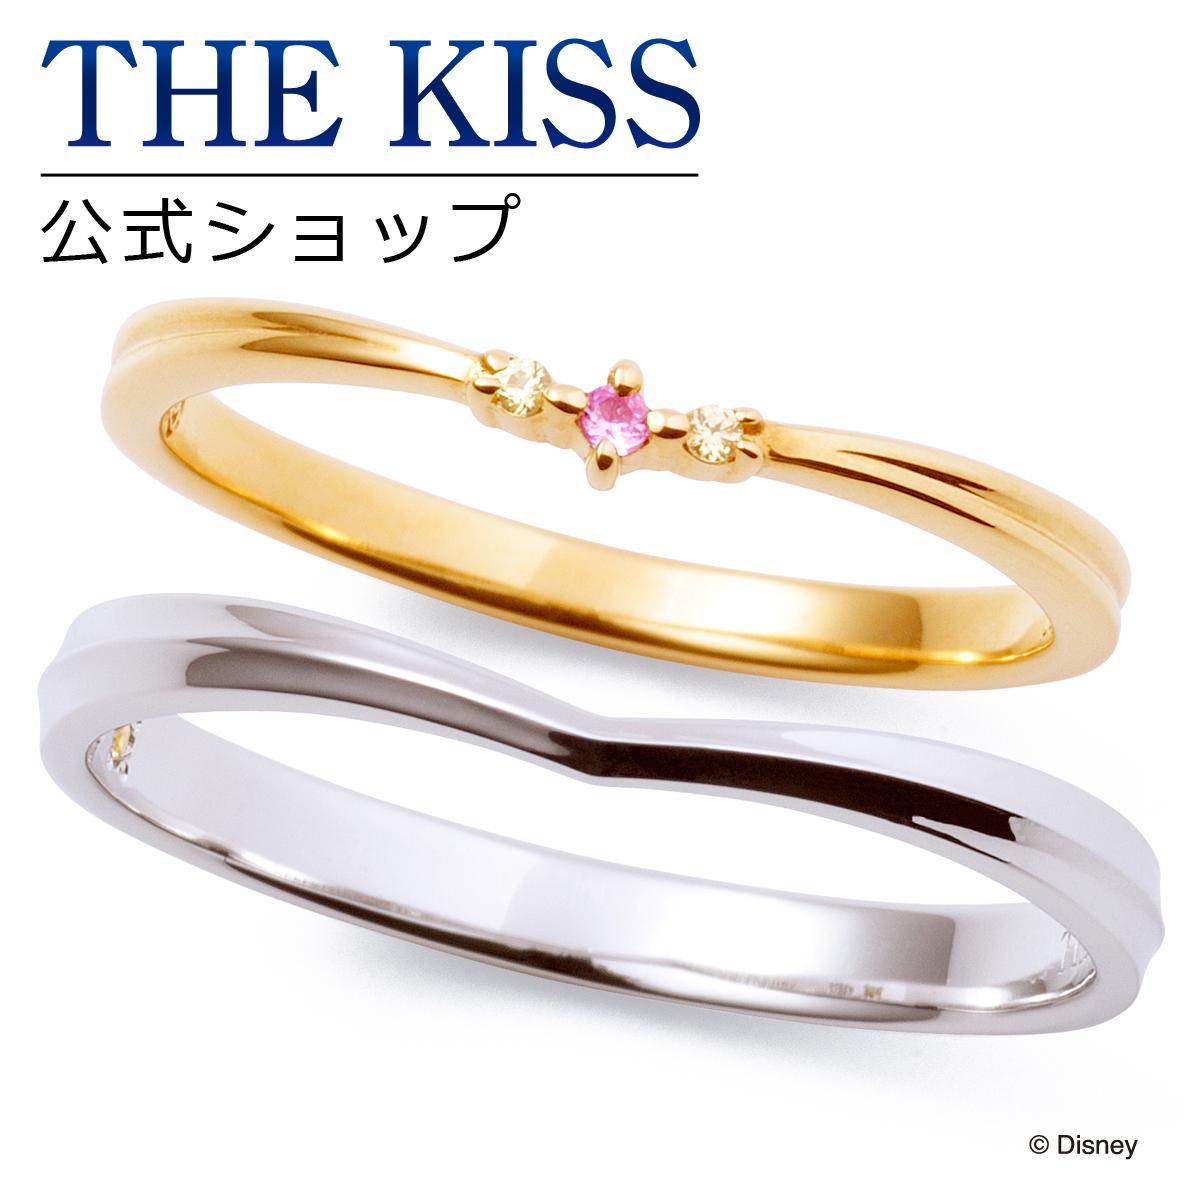 【あす楽対応】【ディズニーコレクション】 ディズニー / ペアリング / ディズニープリンセス ベル / 結婚指輪 マリッジリング / THE KISS sweets リング・指輪 K10イエローゴールド K10ホワイトゴールド DI-YR2700PSP-2701YSP セット シンプル ザキス 【送料無料】